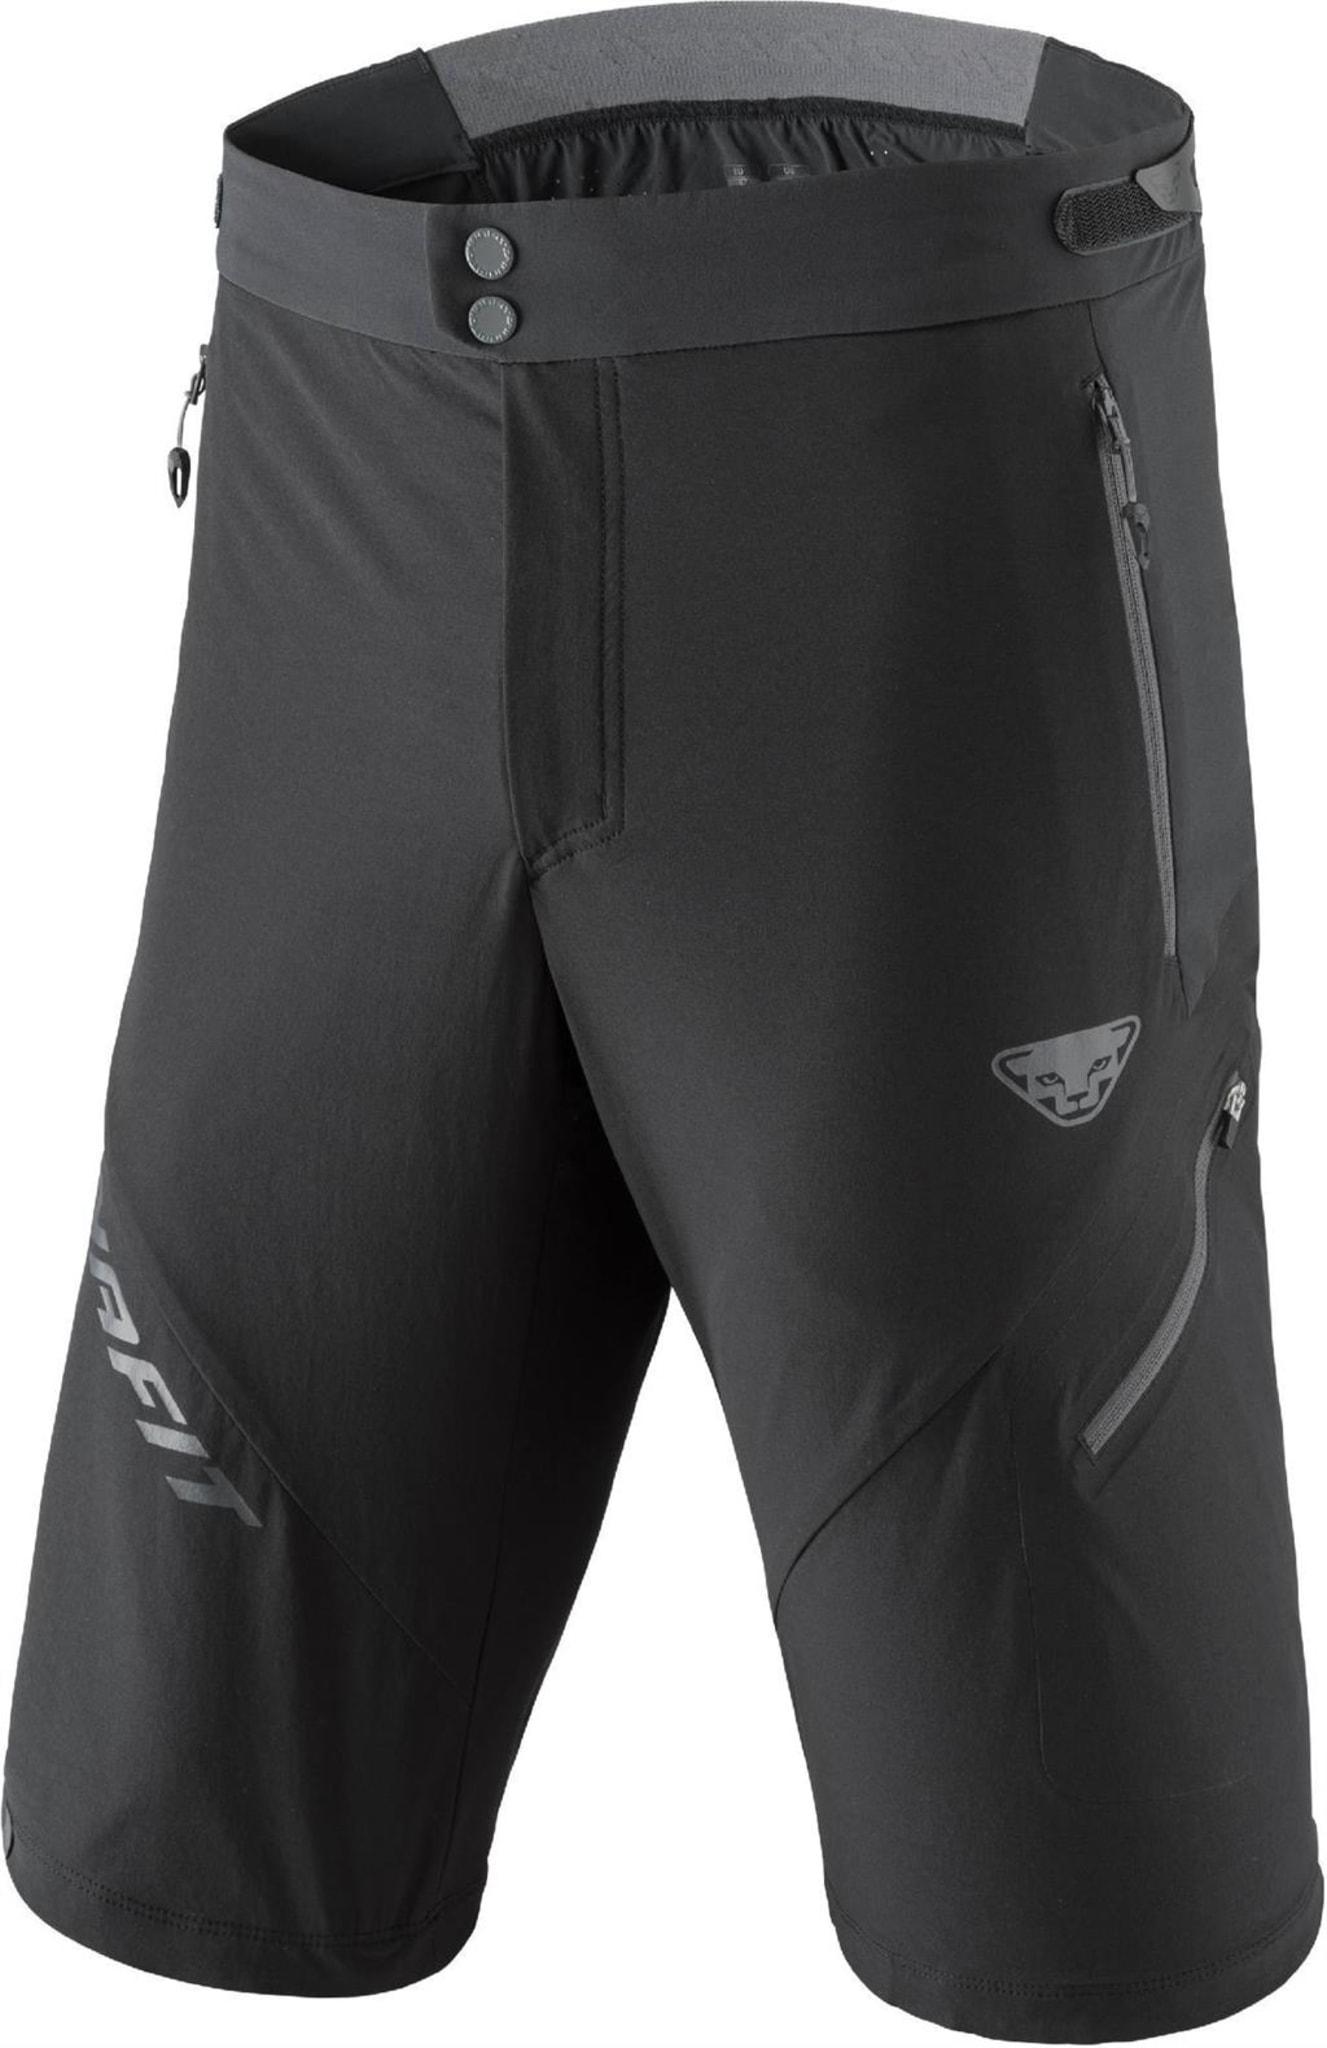 Lett teknisk shorts til varmt vær eller høy intensitet